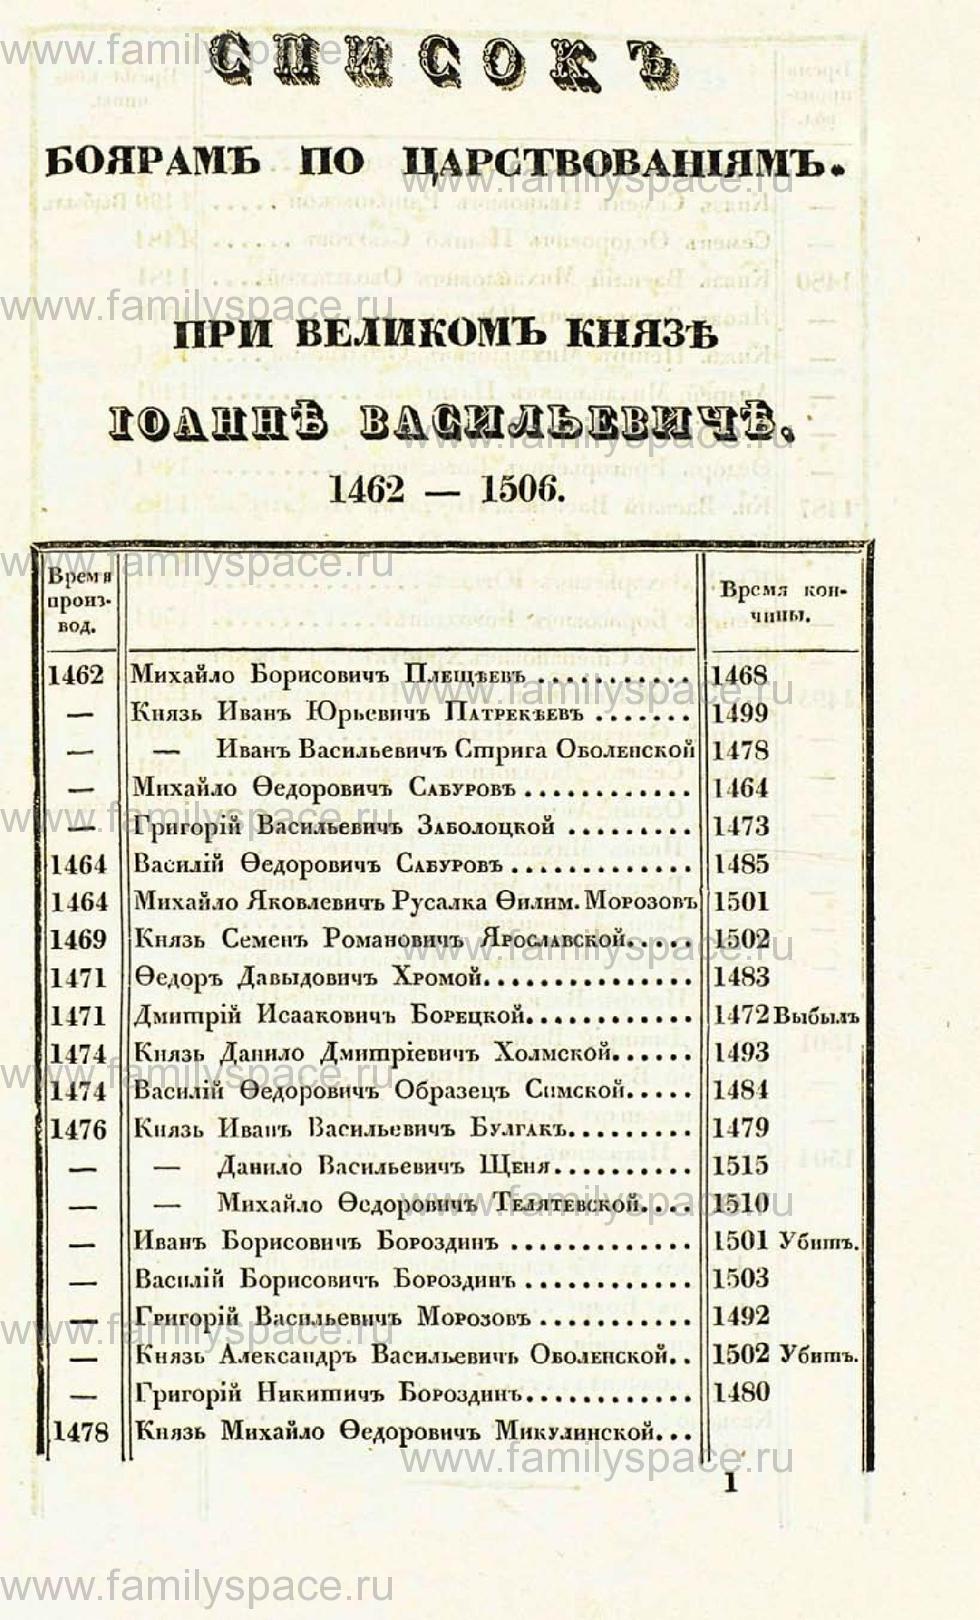 Поиск по фамилии - Списки боярам, окольничим и думным дворянам с 1408 года, страница 1